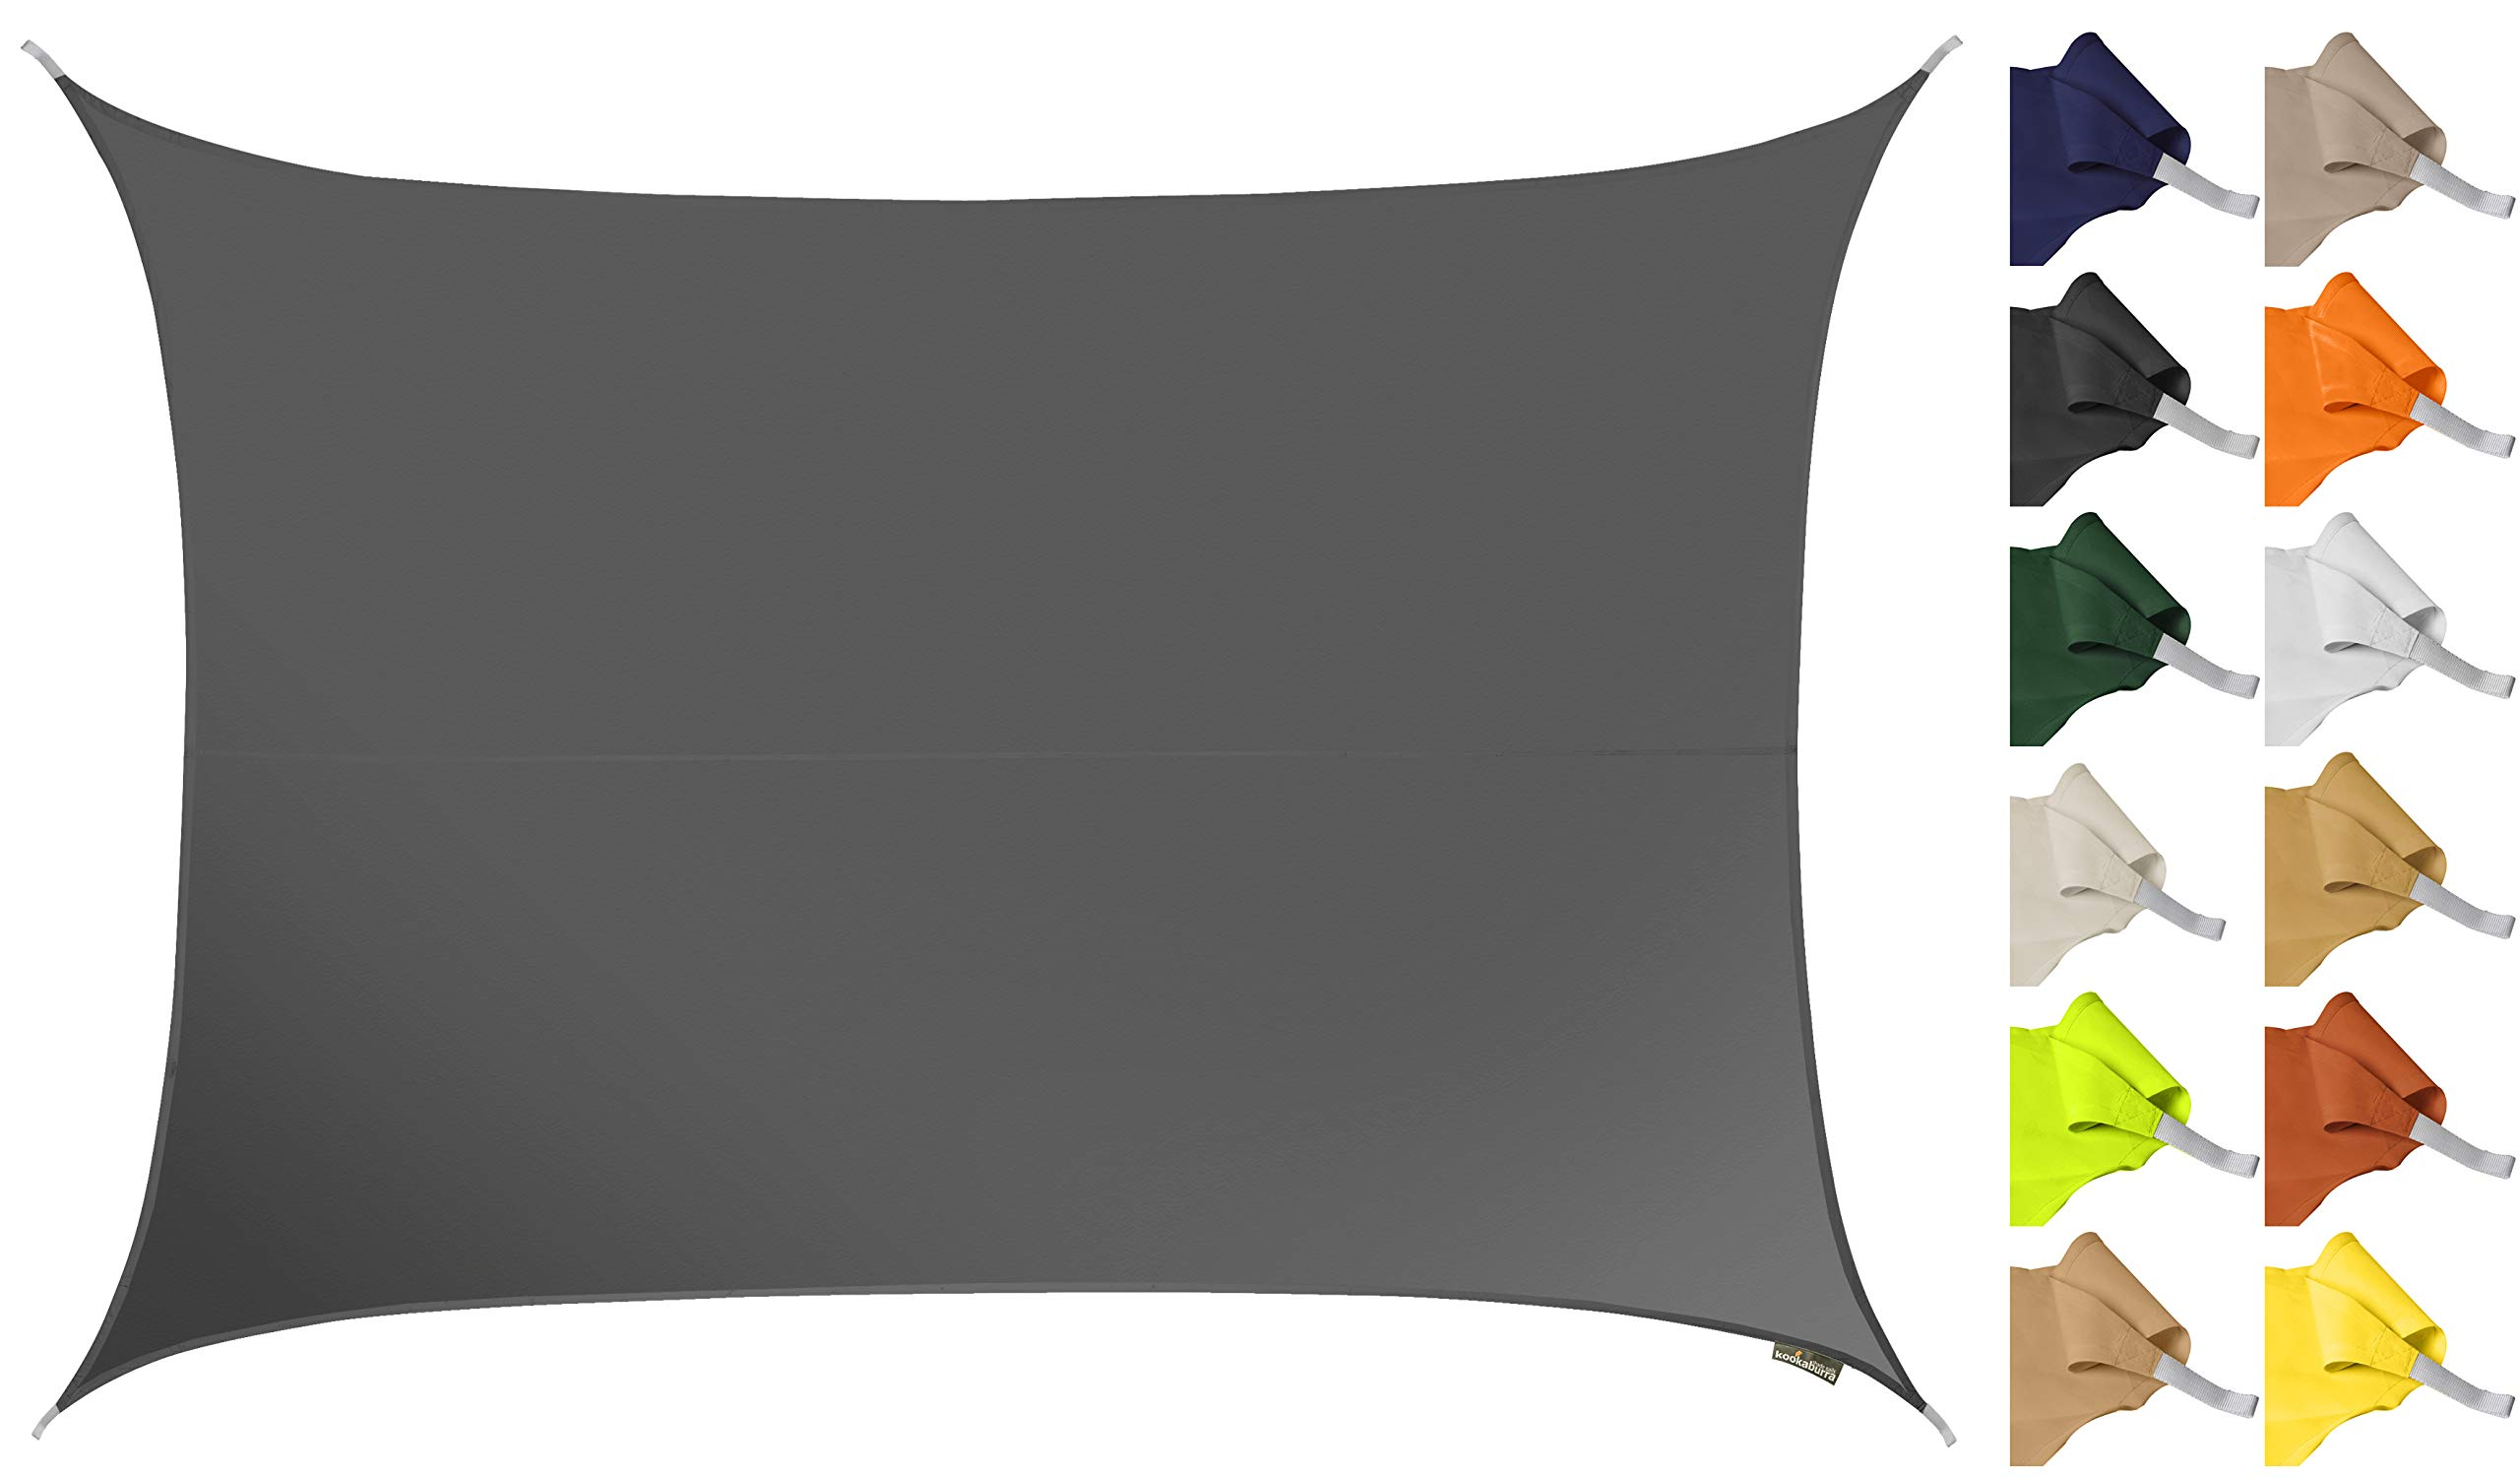 begrenzter Preis viele Stile Laufschuhe Kookaburra Sonnensegel Wasserabweisend 6,0m x 5,0m Rechteck 96.5% UV Schutz  für Garten und Balkon | preisluchs.com